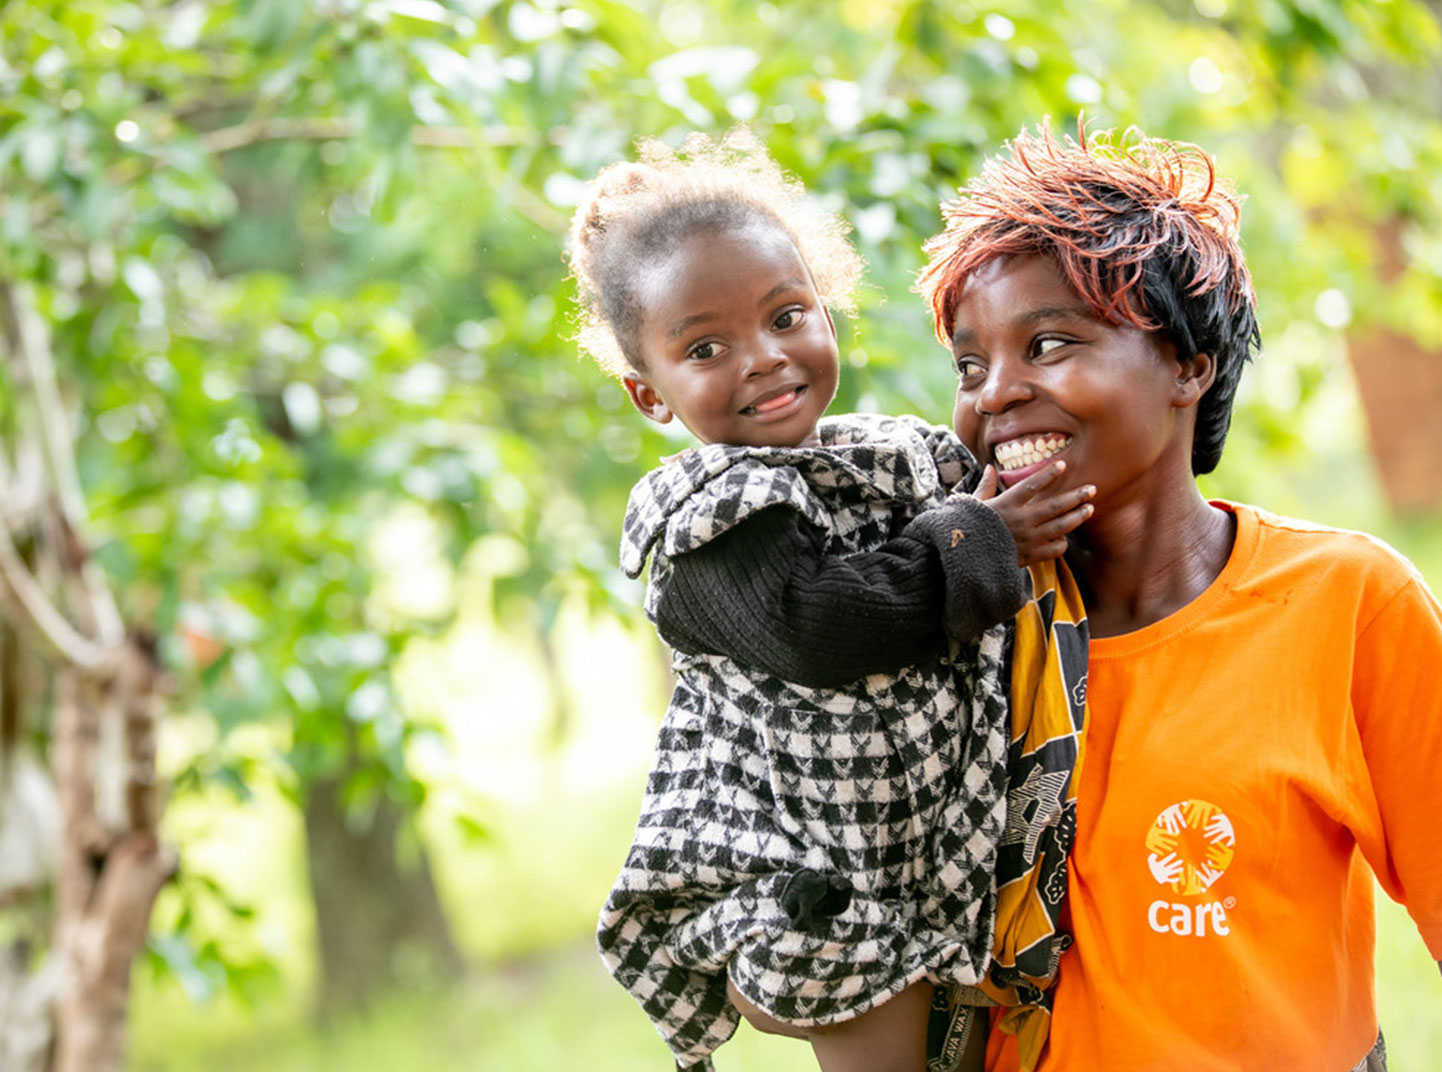 Un membre du personnel de CARE portant une chemise orange vif de CARE sourit tout en tenant une jeune fille vêtue d'une robe à carreaux noir et blanc.